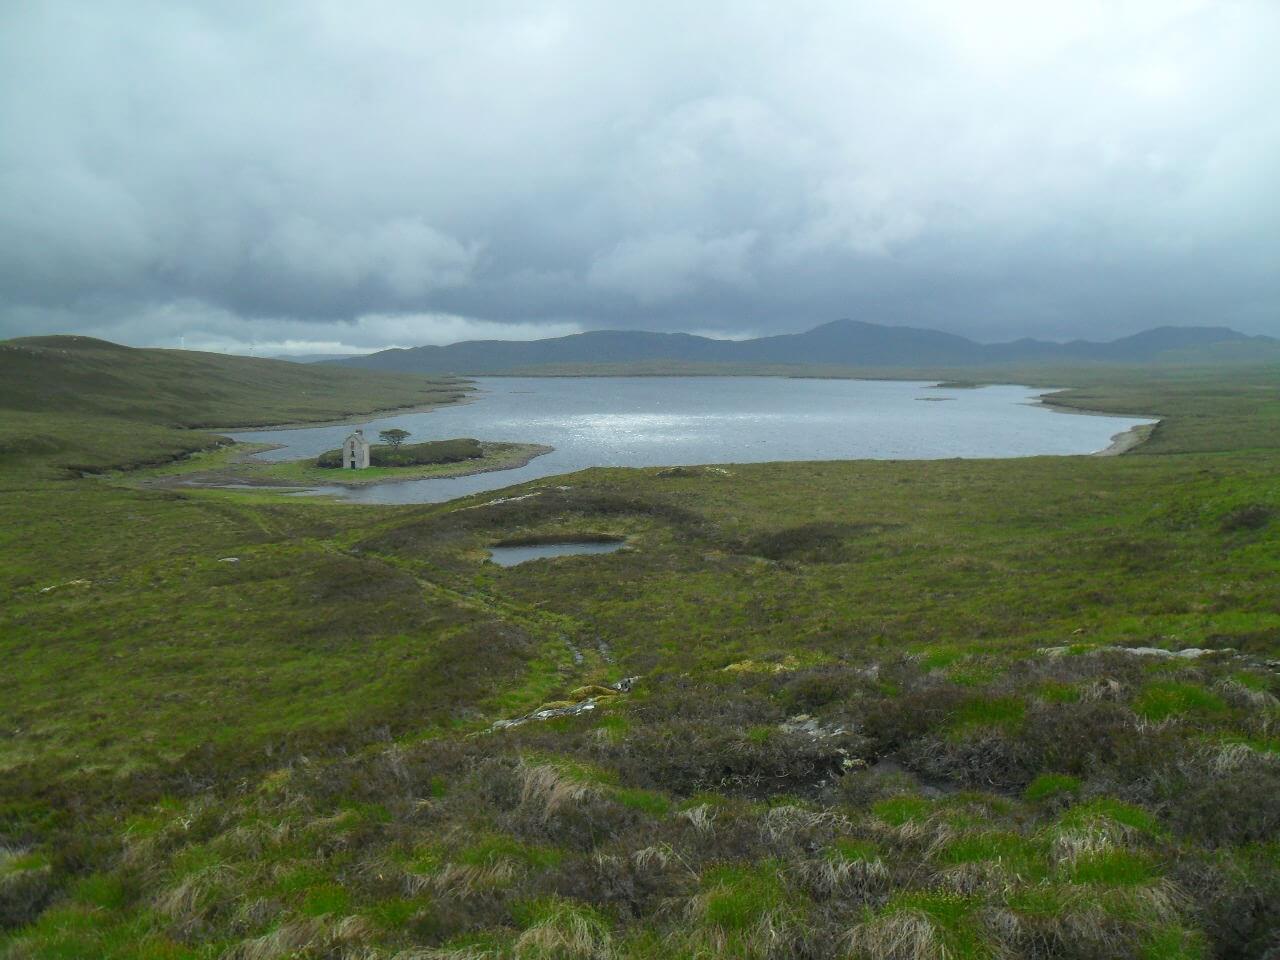 Blick zurück auf <em>Loch ma Stac</em> und seine pittoreske Ruine. An den Bergen im Hintergrund komme ich übrigens an Tag 11 vorbei, auf dem Rückweg nach Fort Augustus